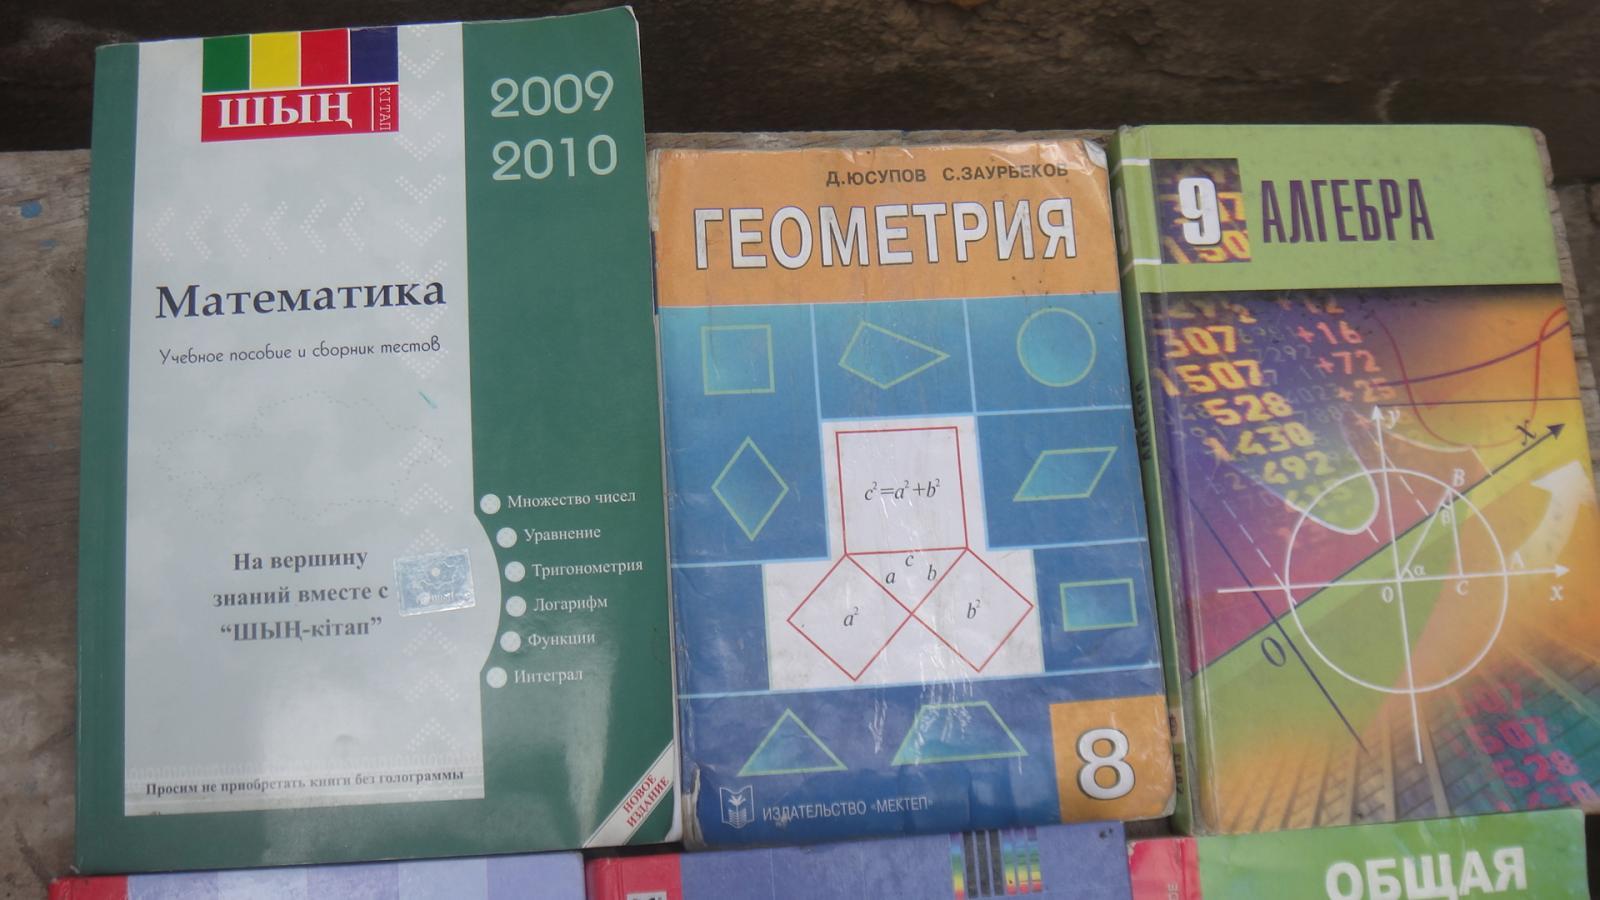 мектеп издательство гдз геометрии по